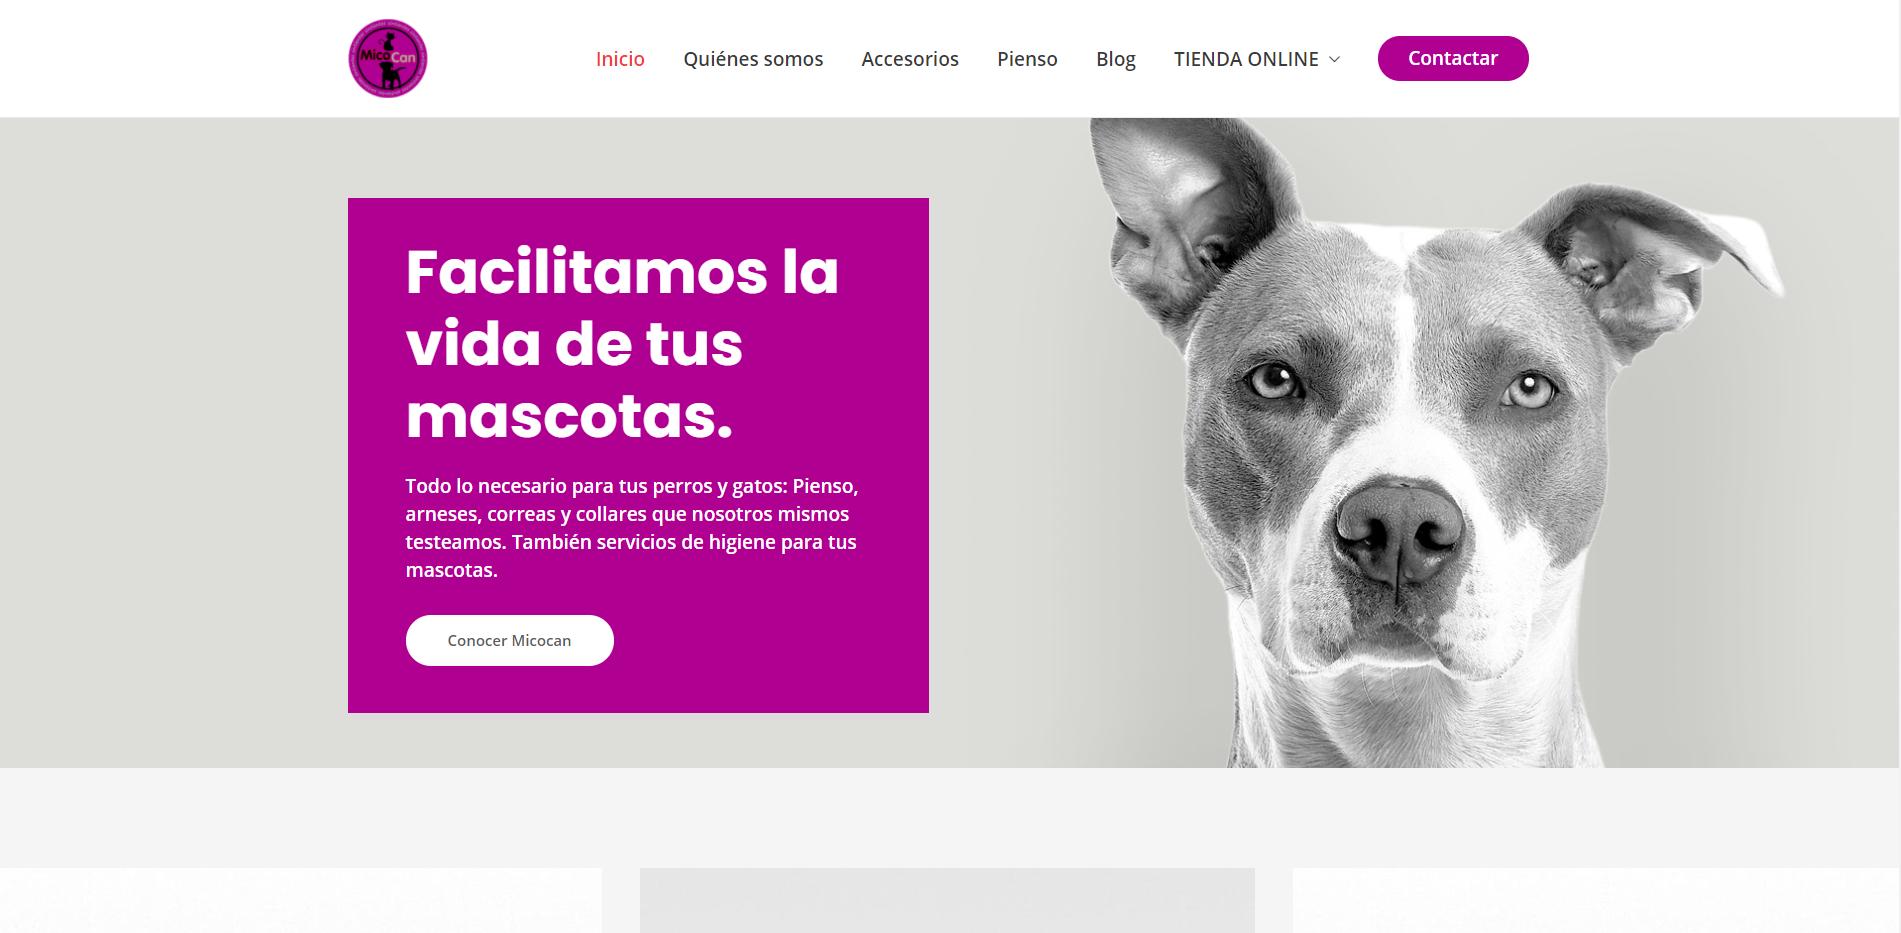 Página web Micocan - Creación de Sitios Web